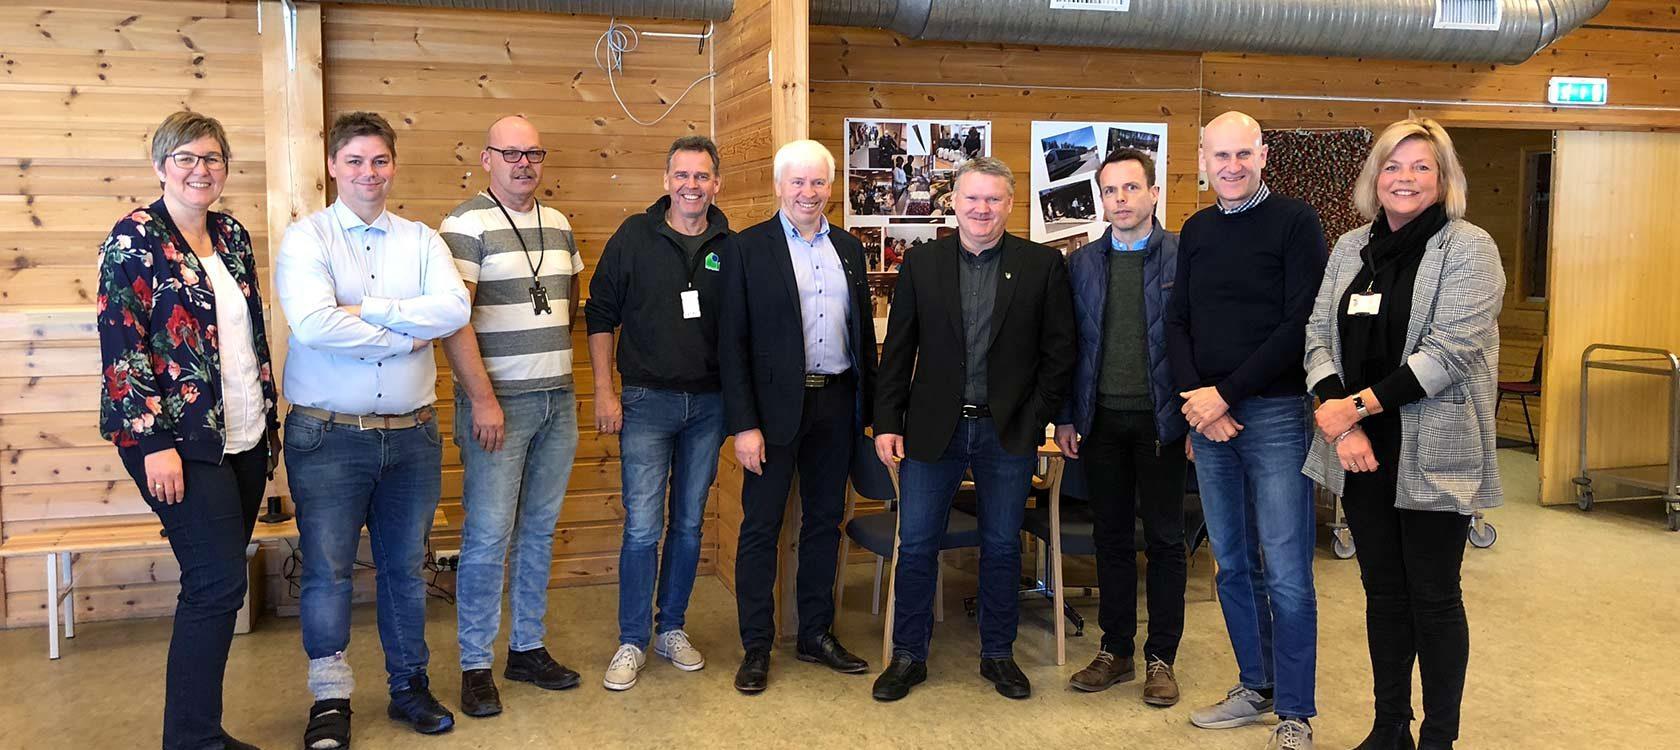 Fra venstre Anne Mette Aaby (Rektor, Flesberg skole), Øyvind Bakken (Backe Stor-Oslo), Sven Arild Lia (KKE), Kjetil Skillberg (KKE), Oddvar Garås (ordfører Flesberg kommune), Jon Gjæver Pedersen (rådmann Flesberg kommune, Christian Molt Riise (Backe Stor-Oslo), Brynjar Henriksen (KKE) og Kristin Borander (WSP)